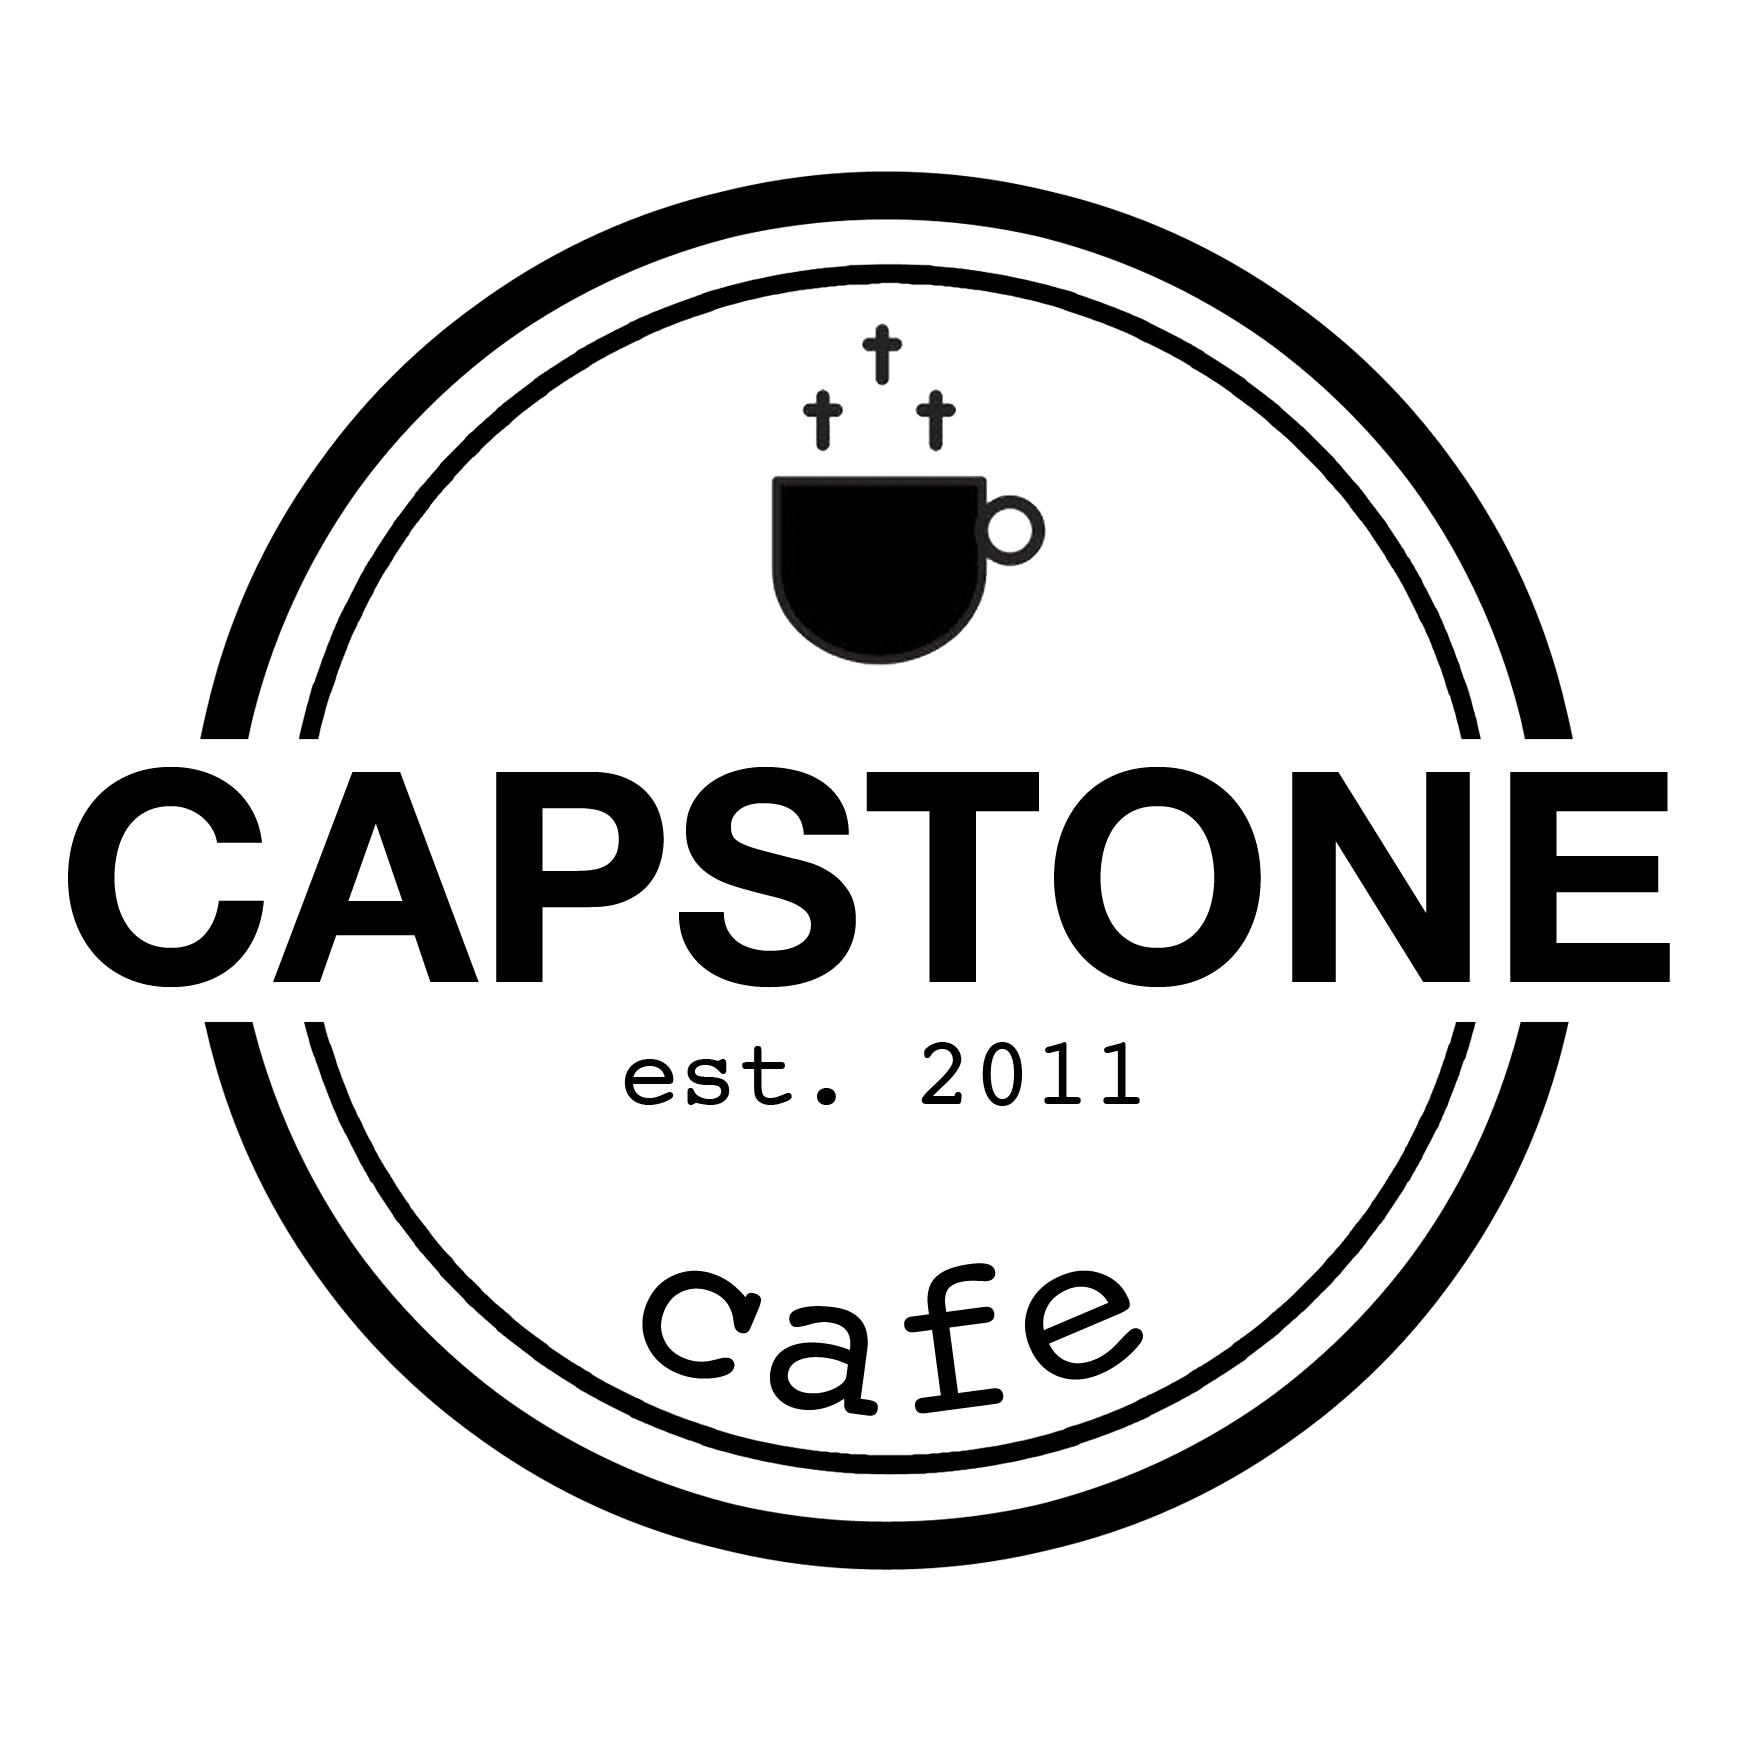 capstone cafe logo